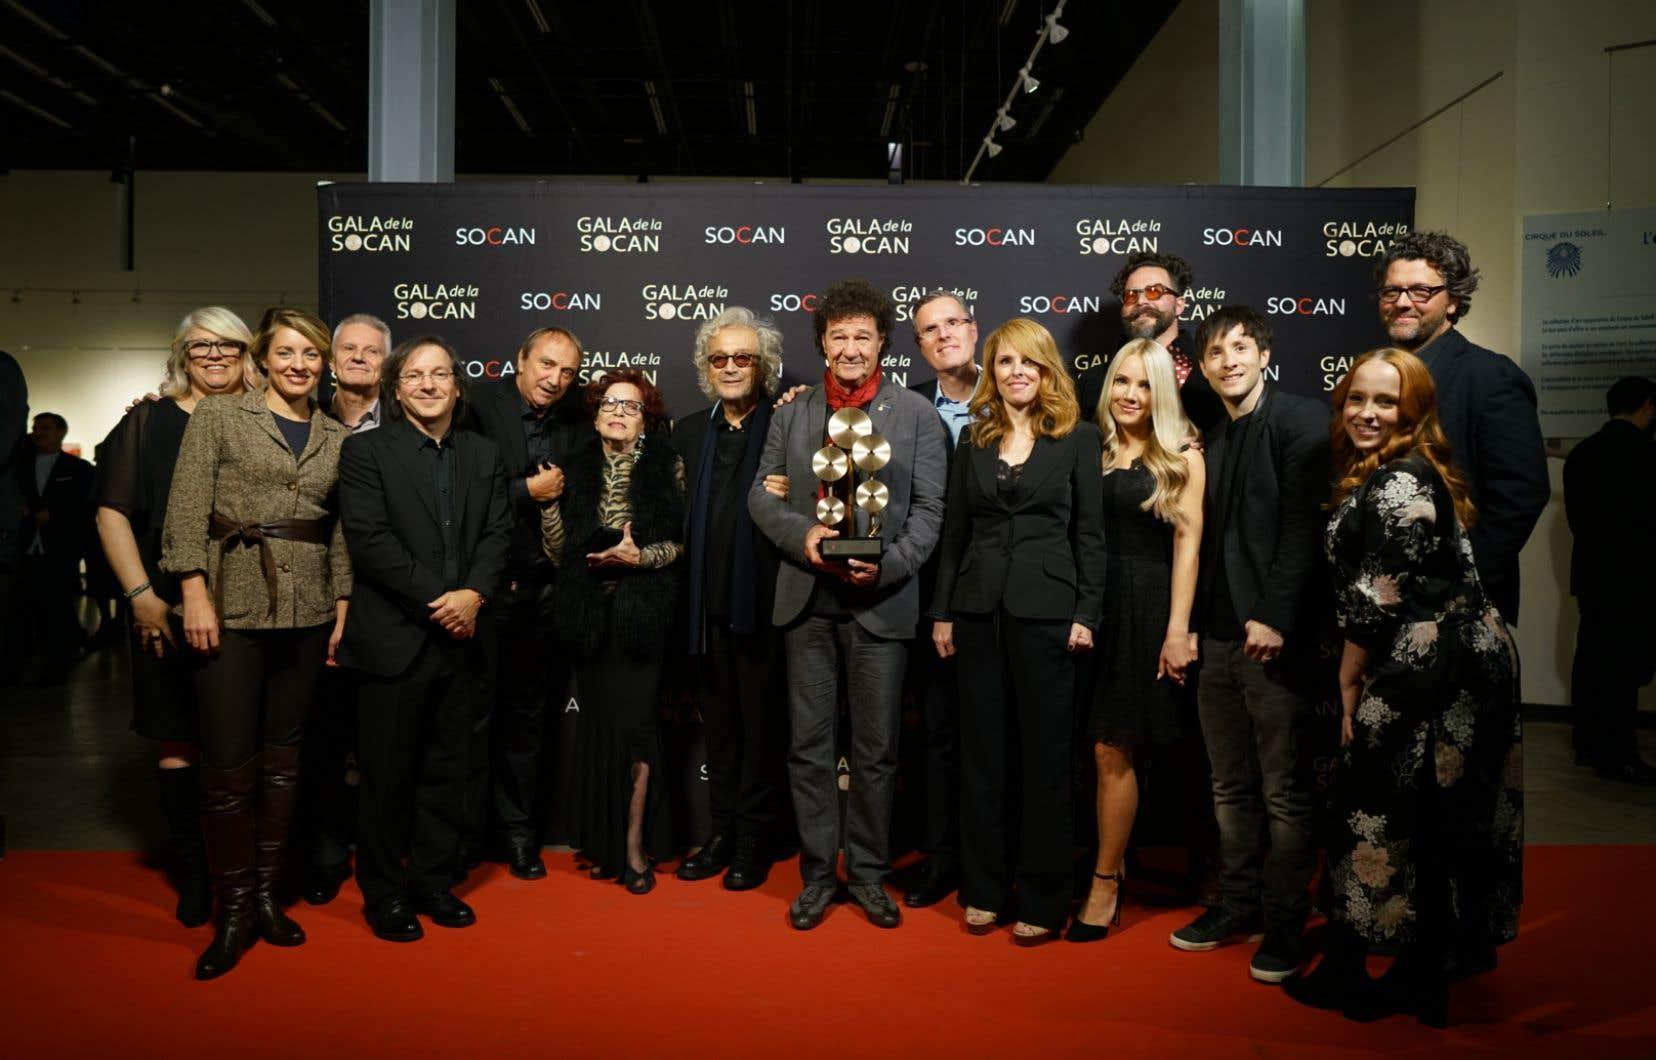 Le Gala de la SOCAN, animé par Stéphane Archambault, a multiplié les hommages.